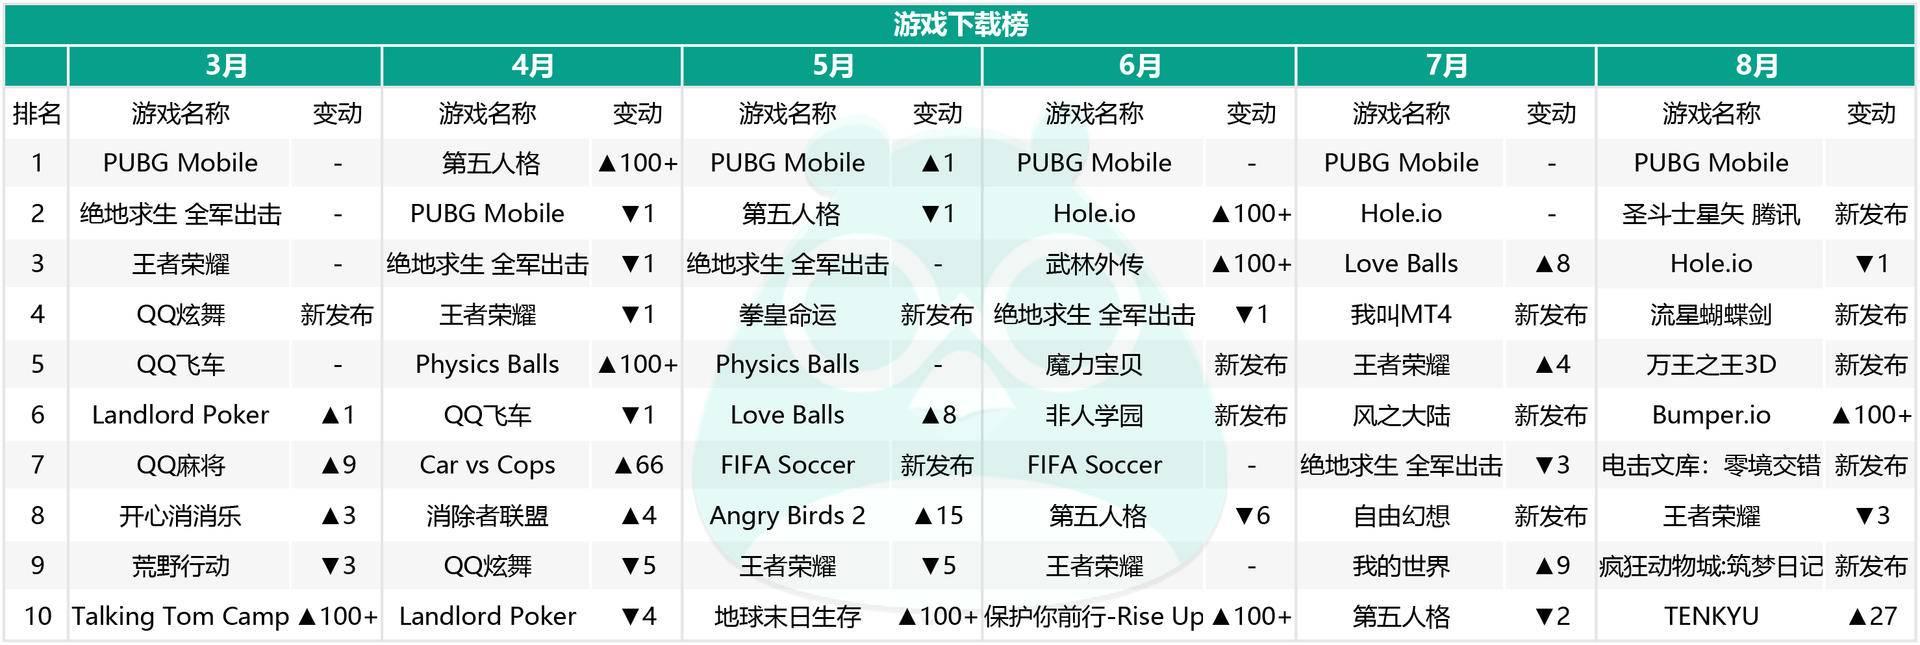 游戏下载榜:吃鸡势头渐去,新游涌现但不坚挺,半年仅两款能霸榜